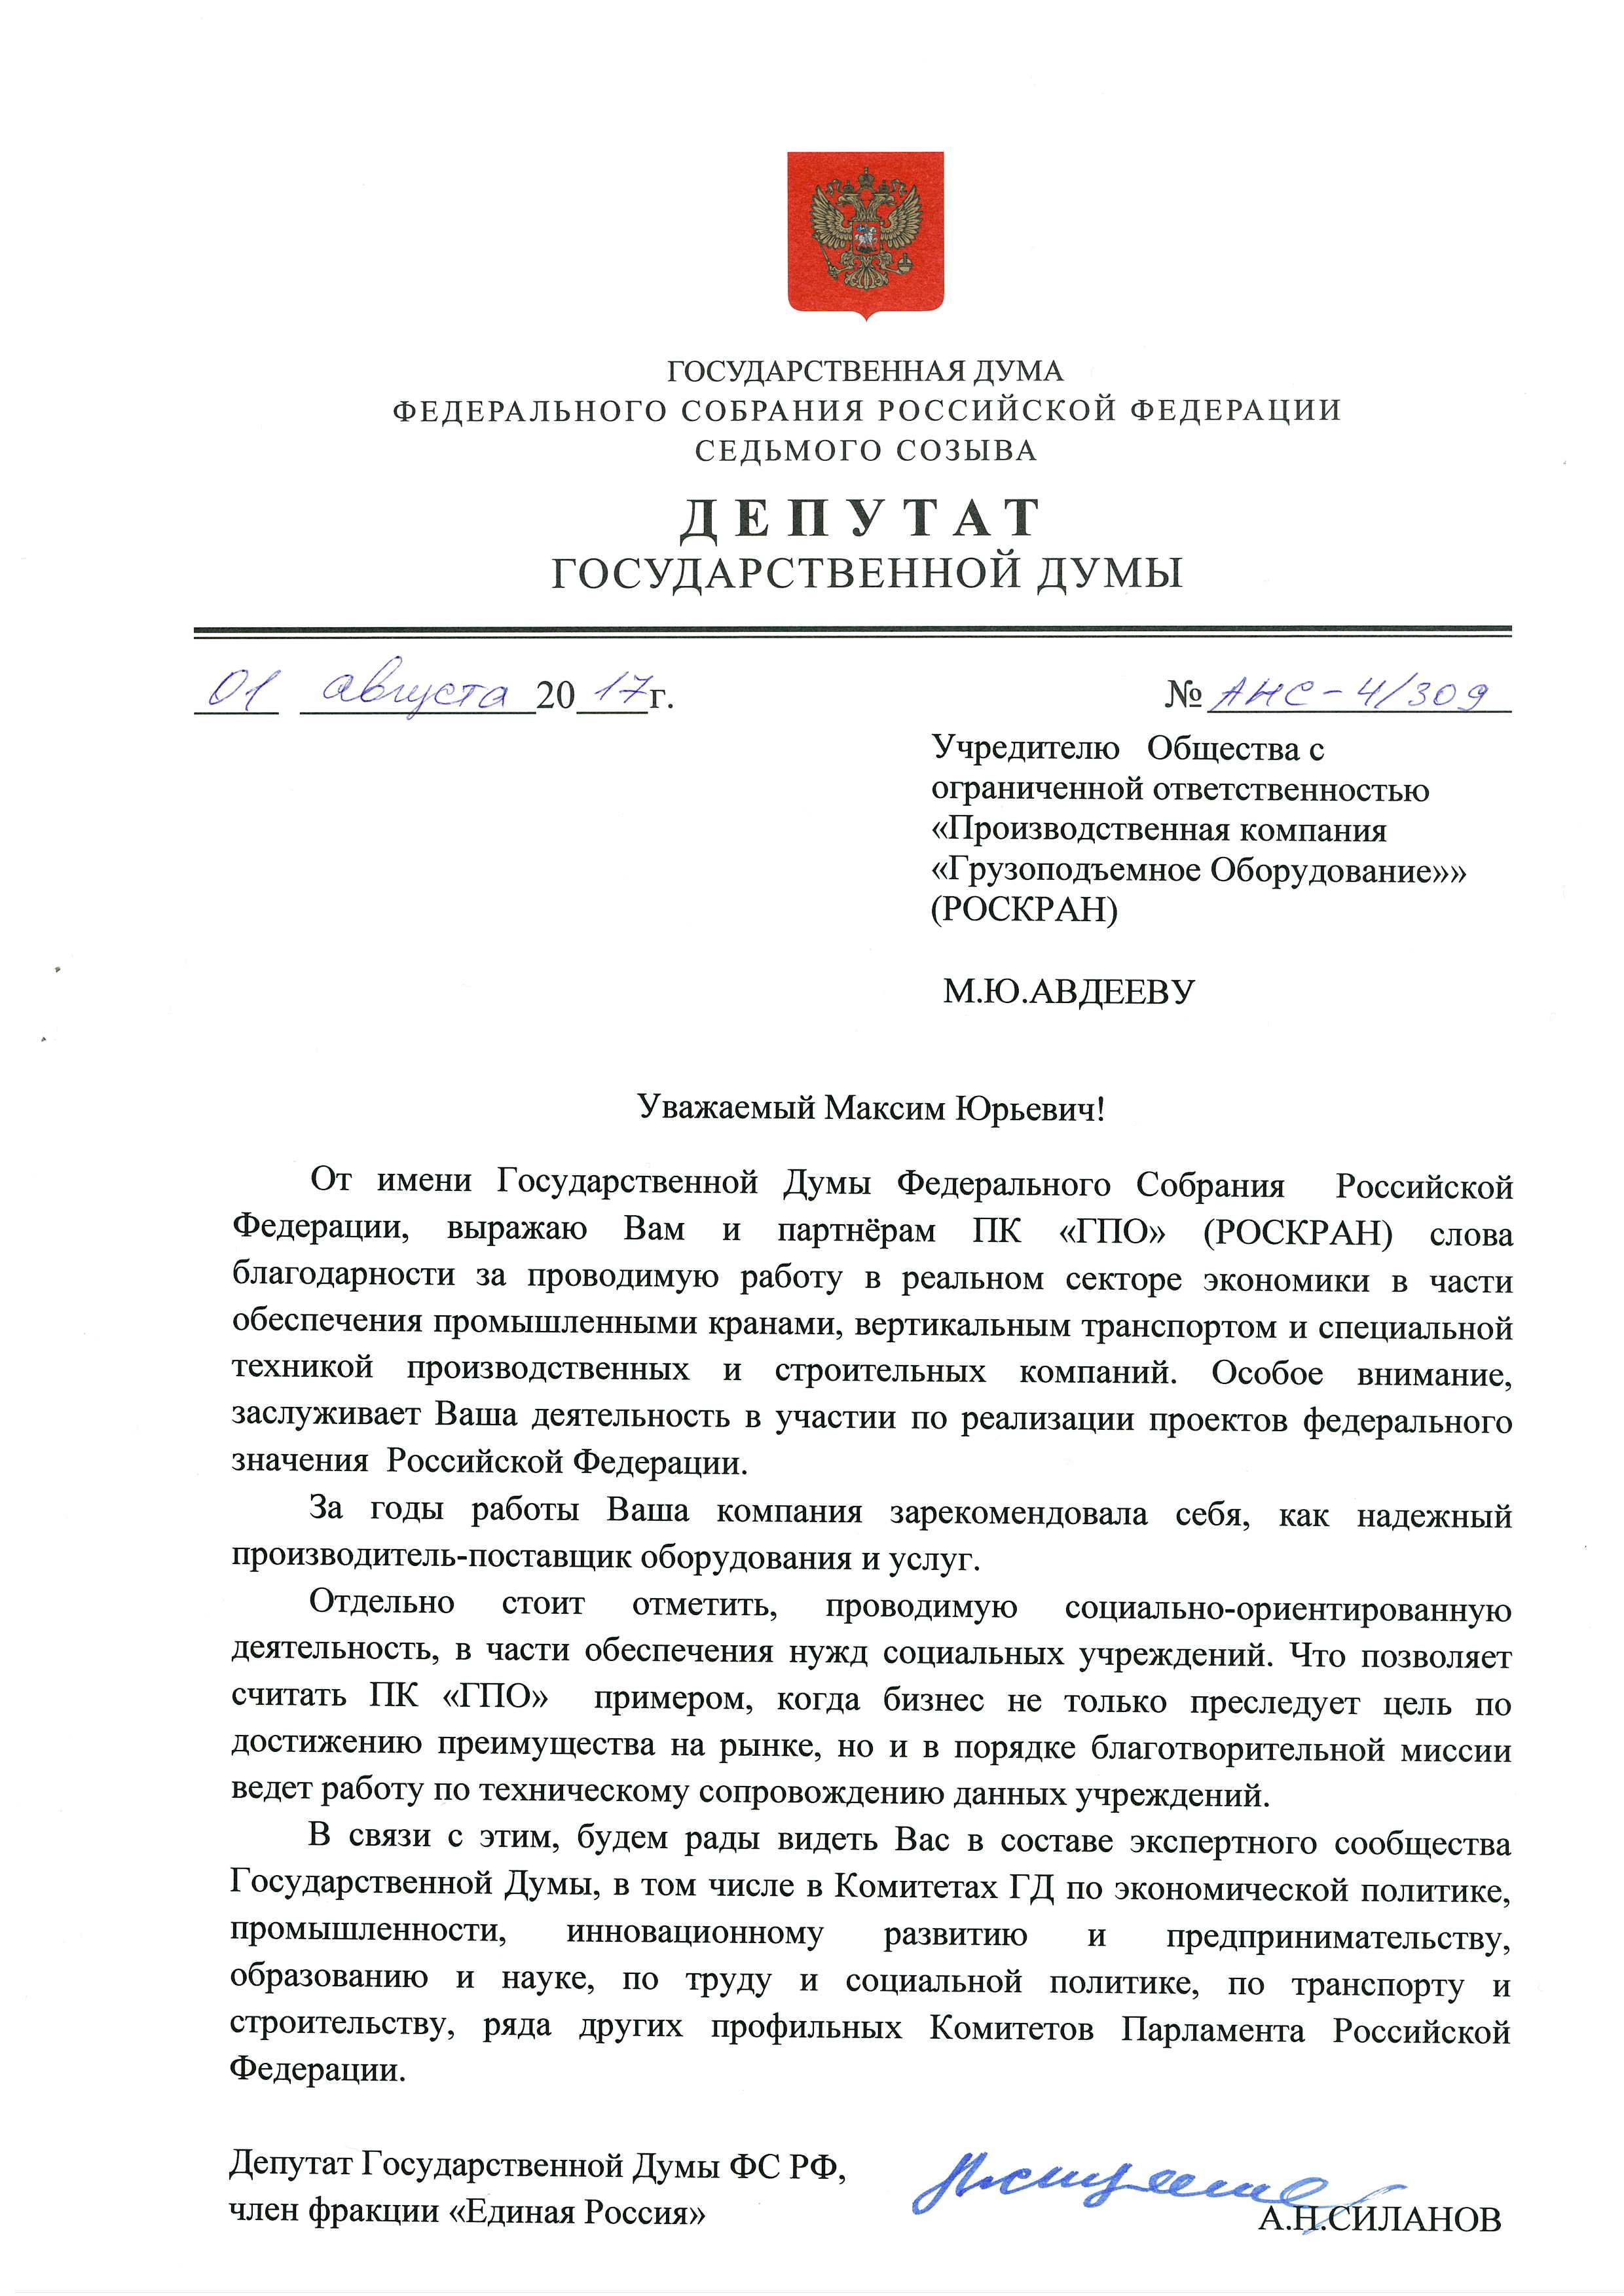 Благодарственное письмо от Государственной Думы РФ